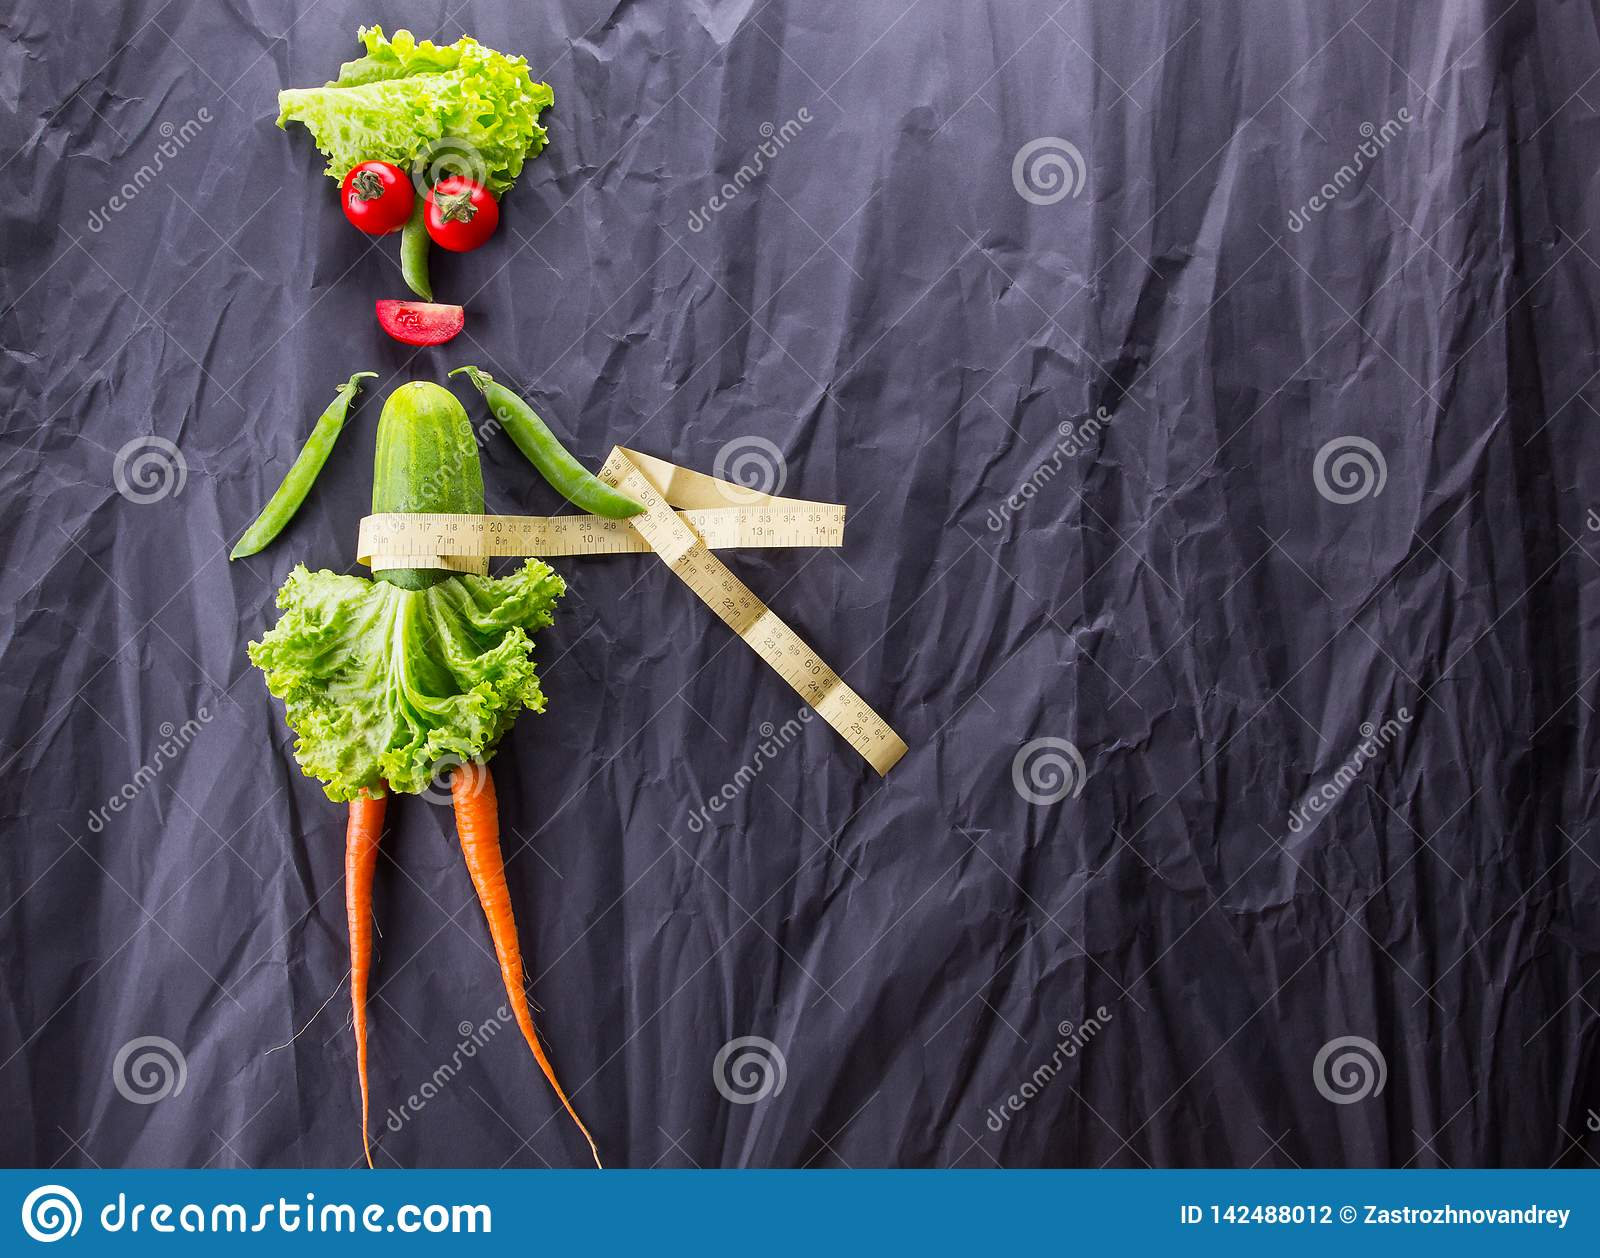 Μια έννοια τροφίμων του κοριτσιού με τα λαχανικά στο μαύρο υπόβαθρο εγγράφου Απώλεια βάρους και υγιής τρόπος ζωής Με το διάστημα